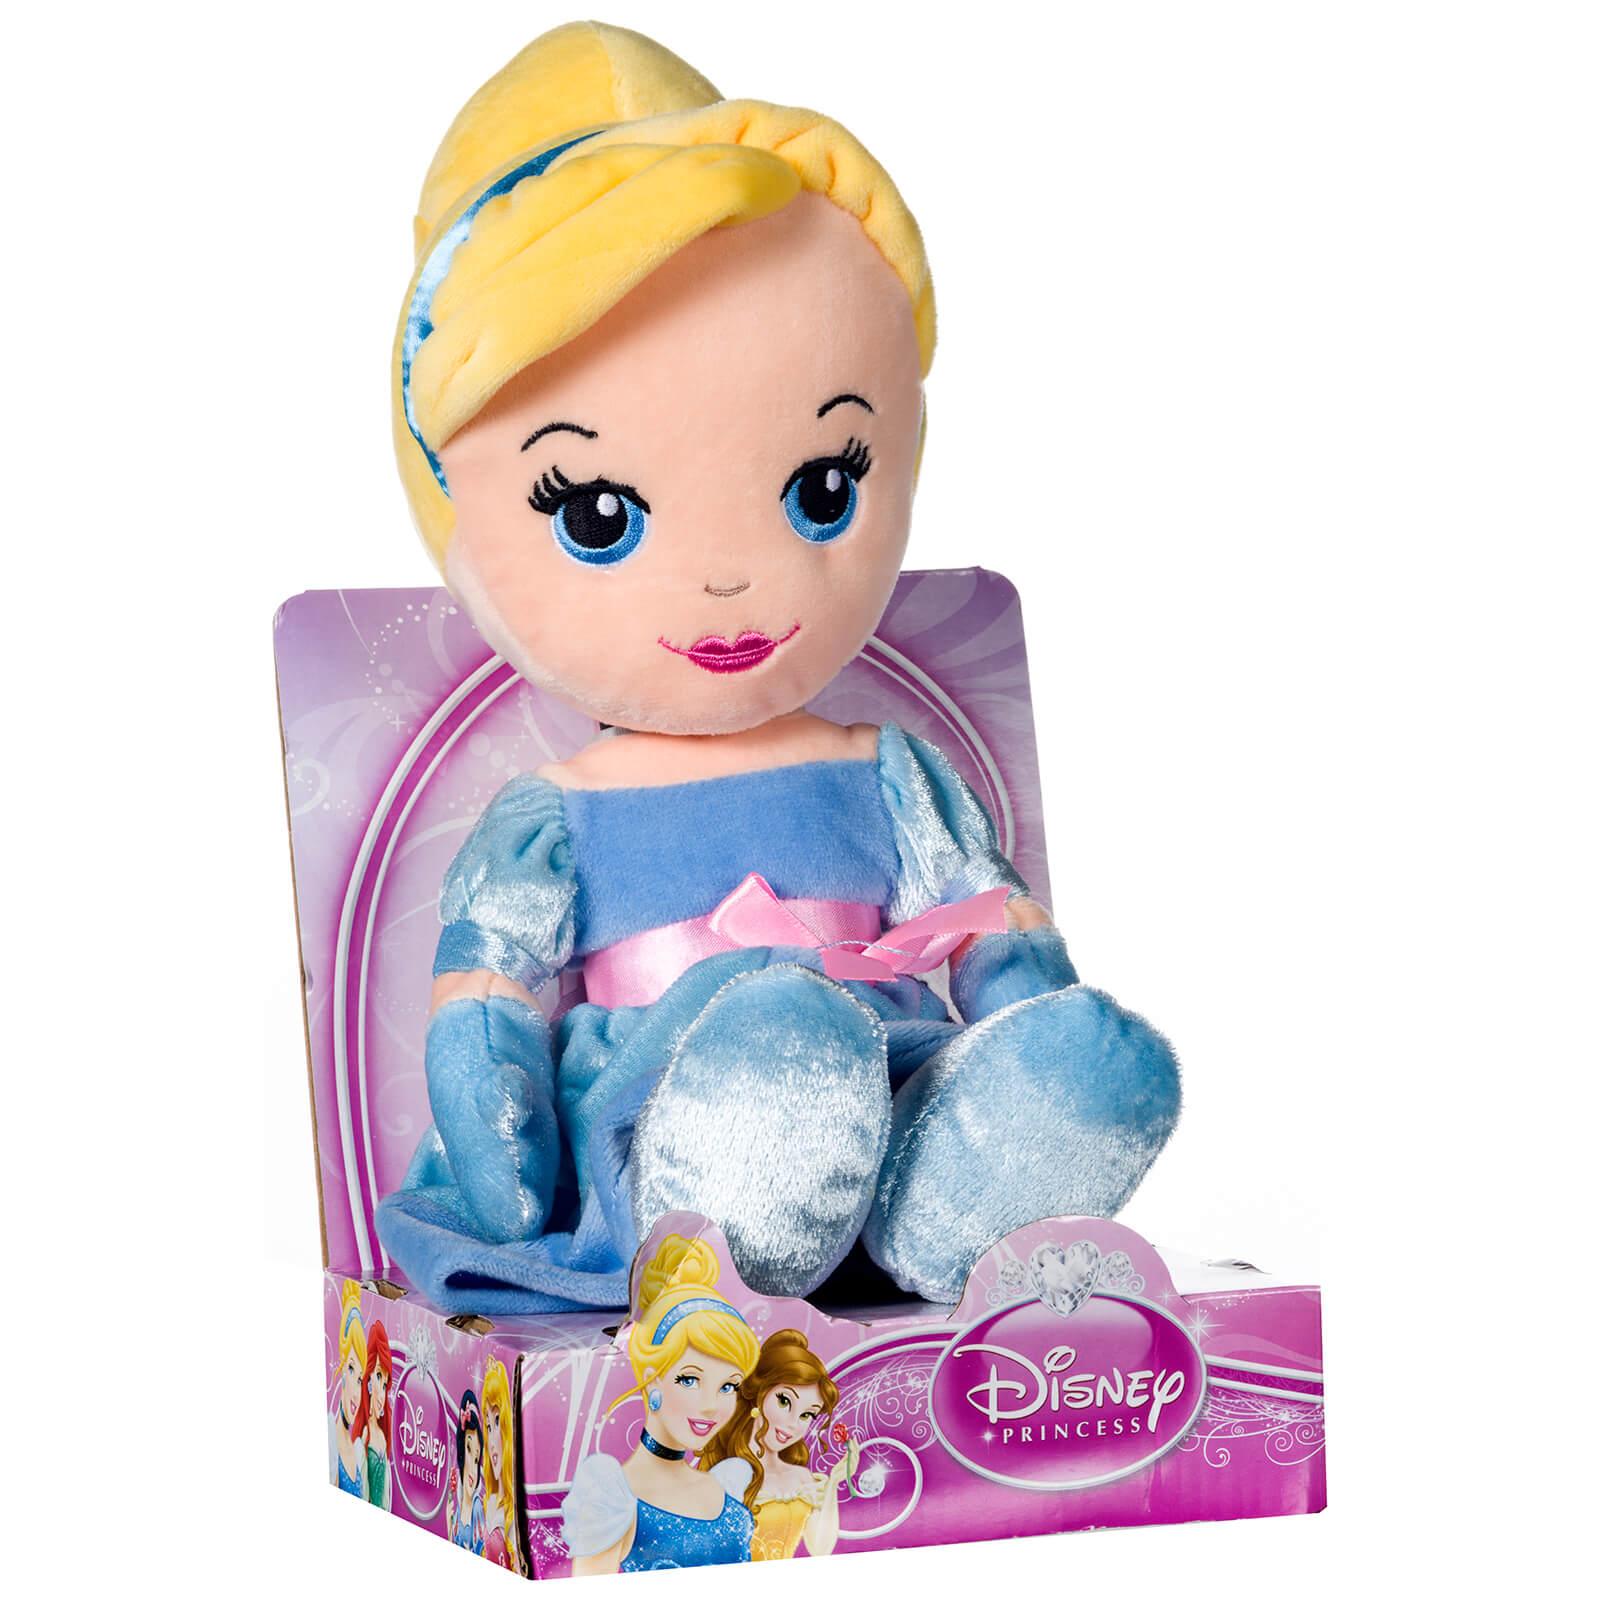 Cinderella Soft Toy Doll : Disney princess cute cinderella plush doll quot my geek box